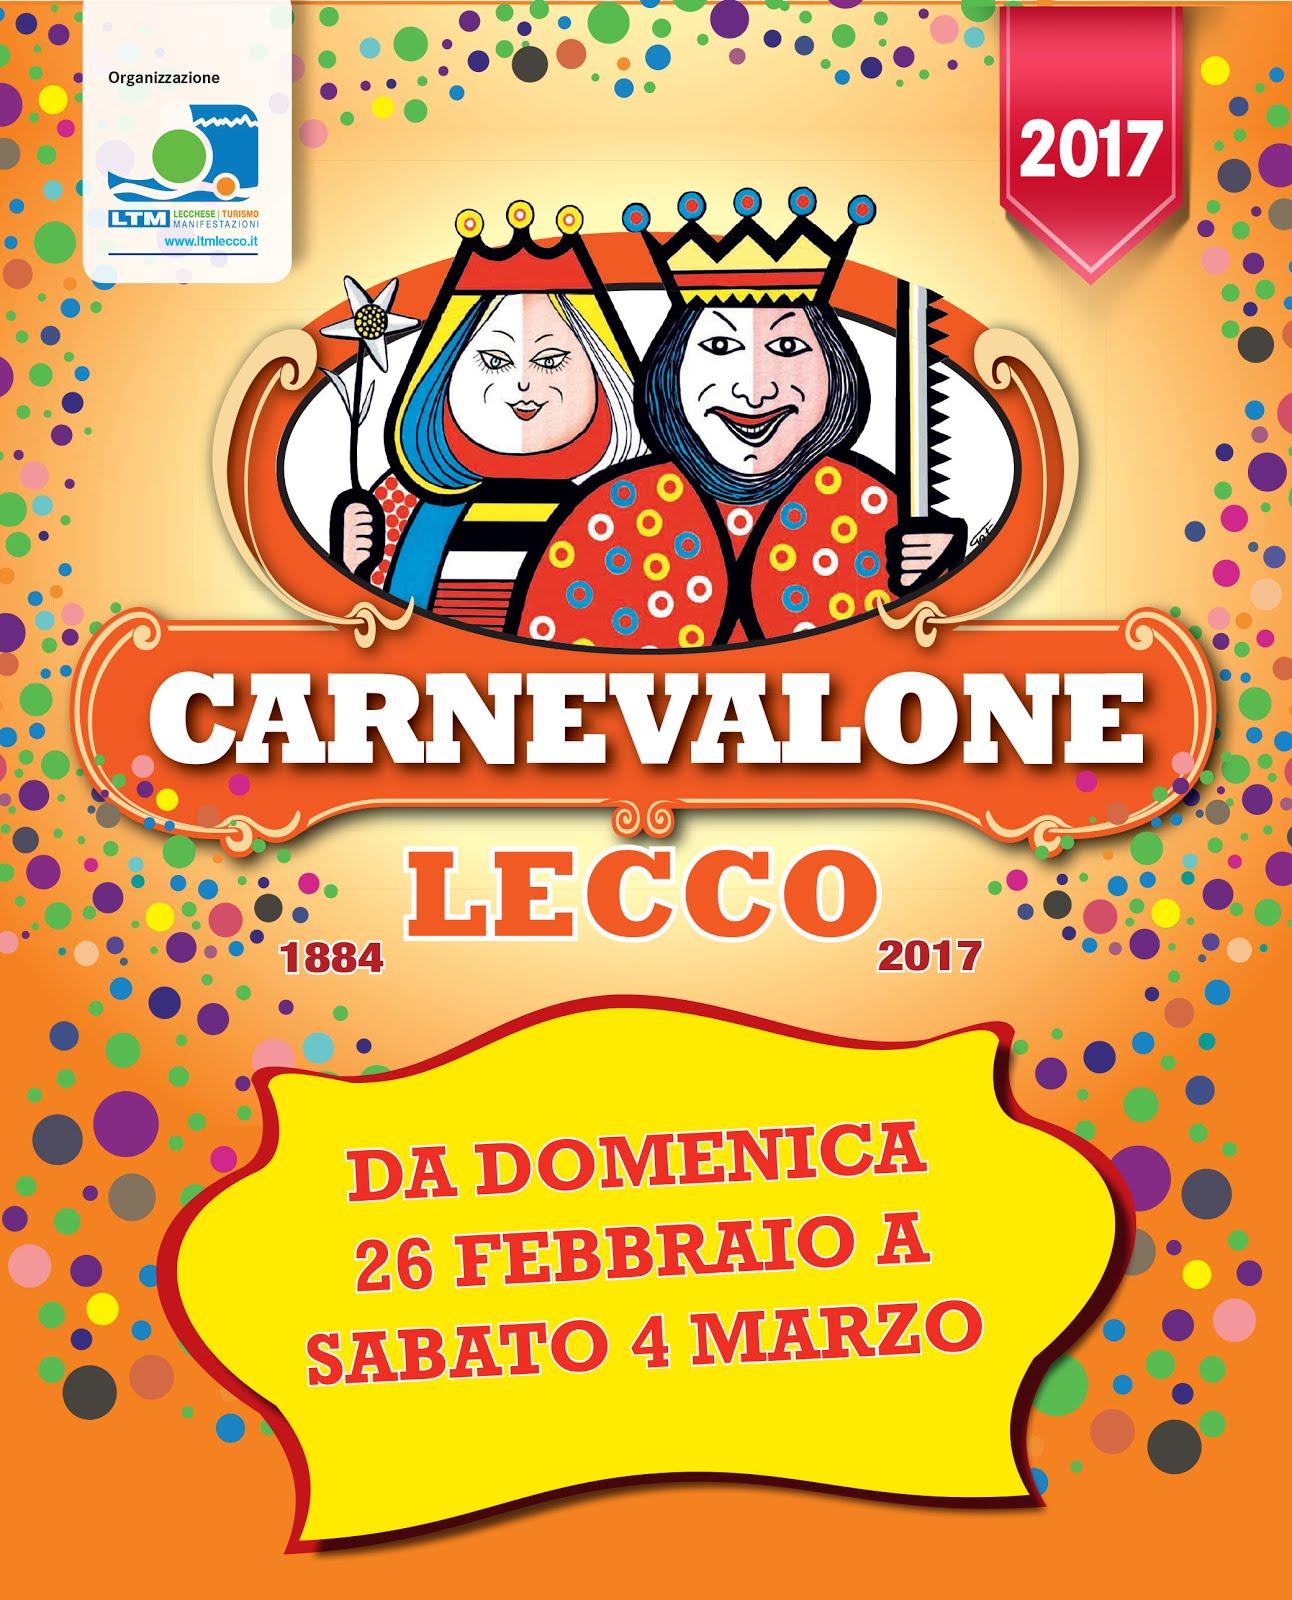 Carnevale a Lecco